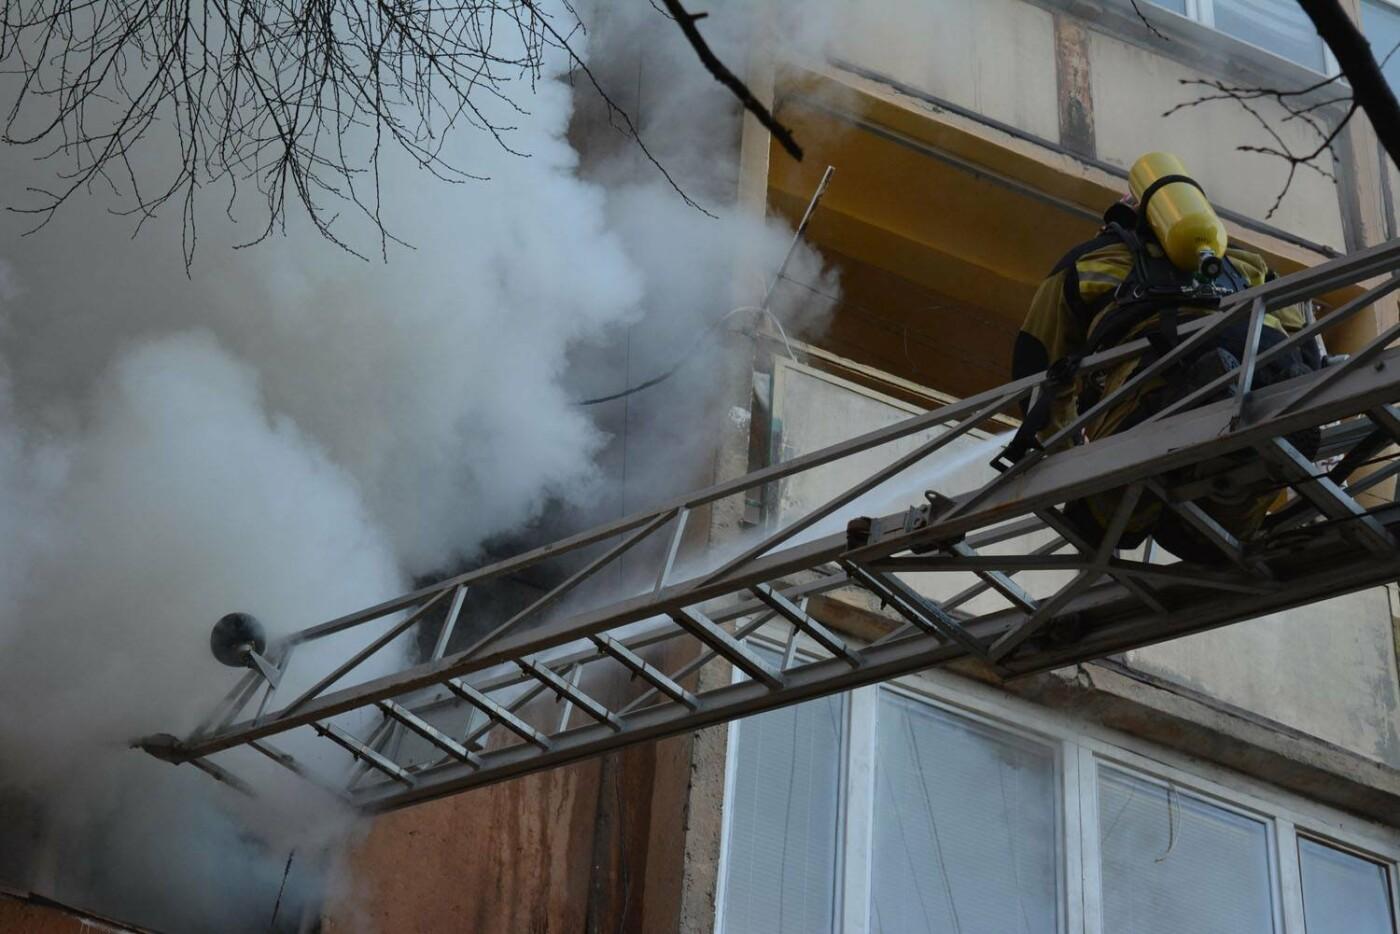 Через пожежу у багатоповерхівці на Годинки в Ужгороді евакуювали 20 чоловік, згоріли 2 кімнати (ФОТО, ВІДЕО, УСІ ПОДРОБИЦІ), фото-5